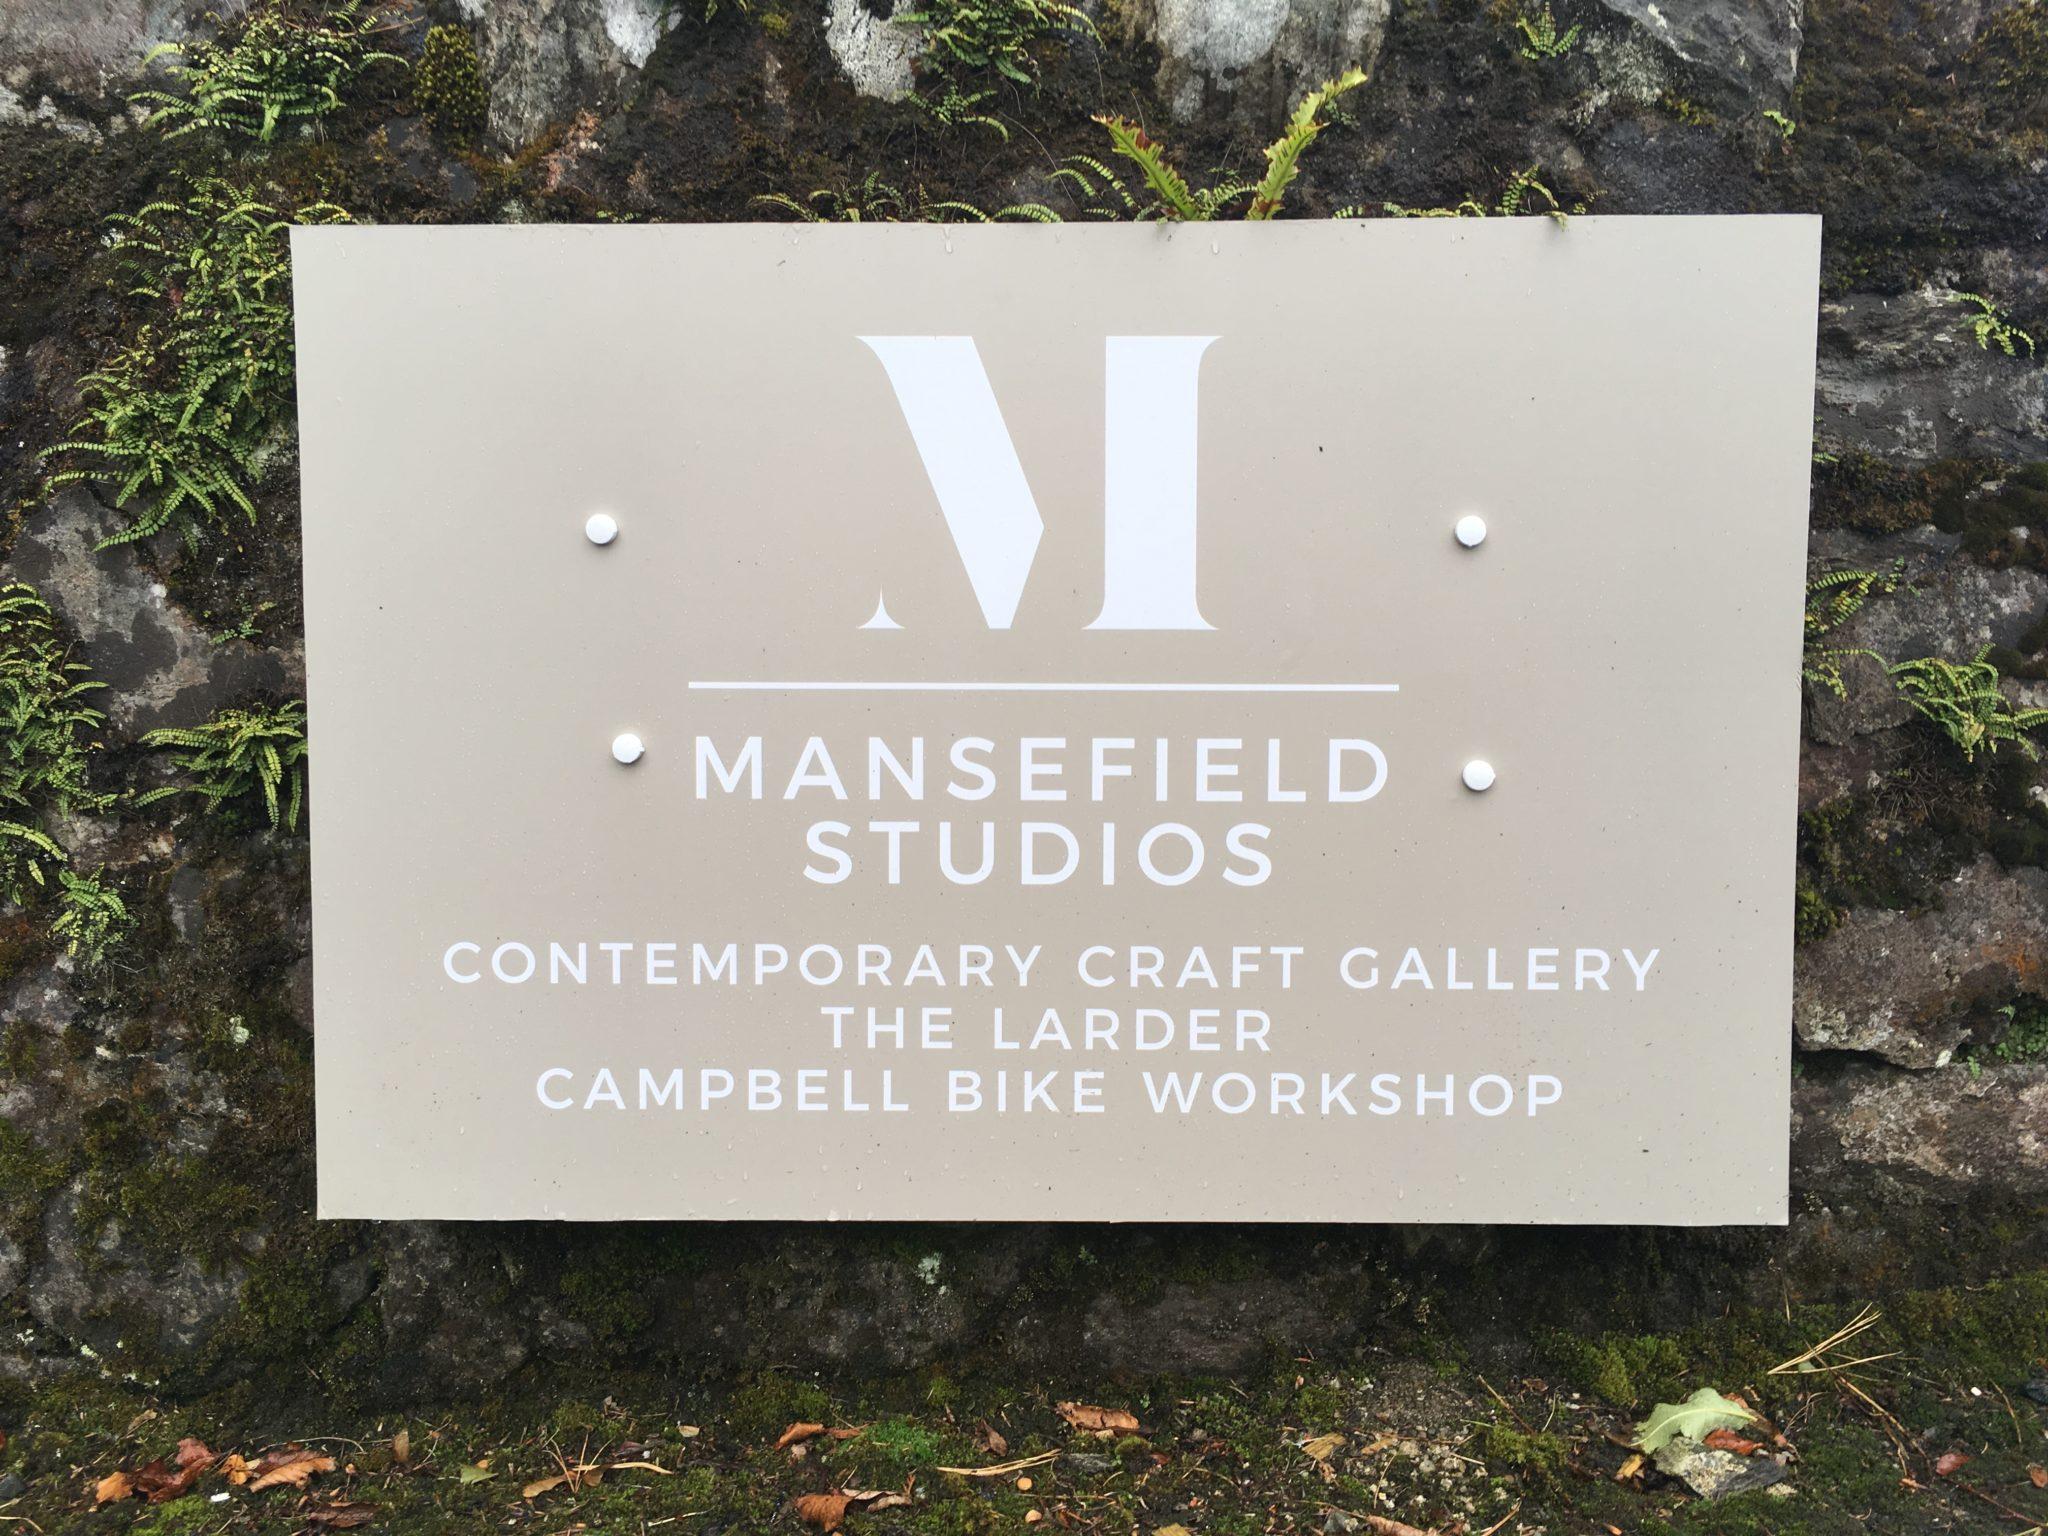 Mansfield Studios signage